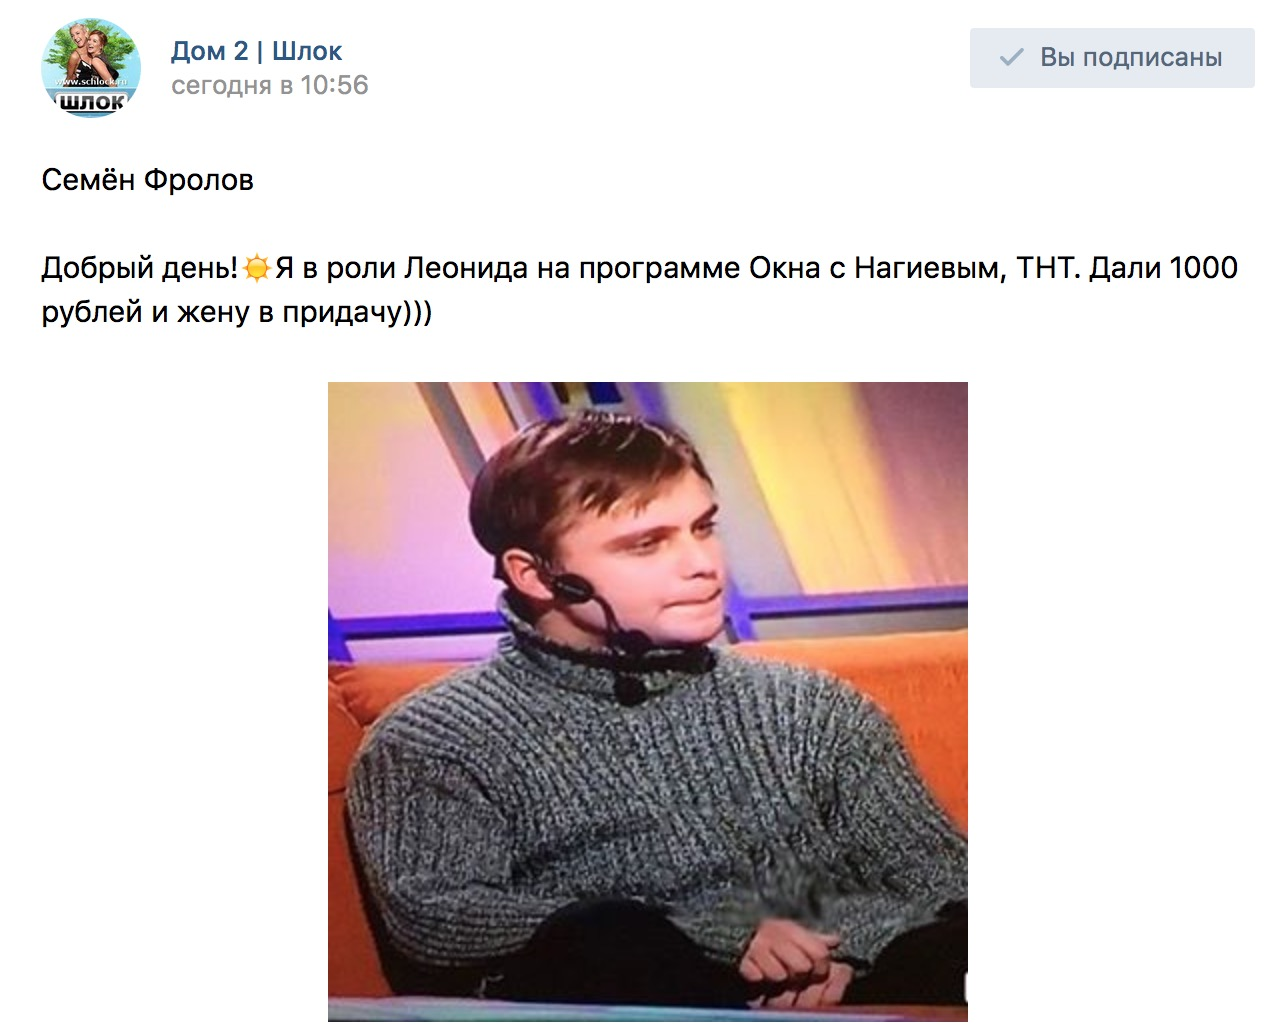 Дали 1000 рублей и жену в придачу